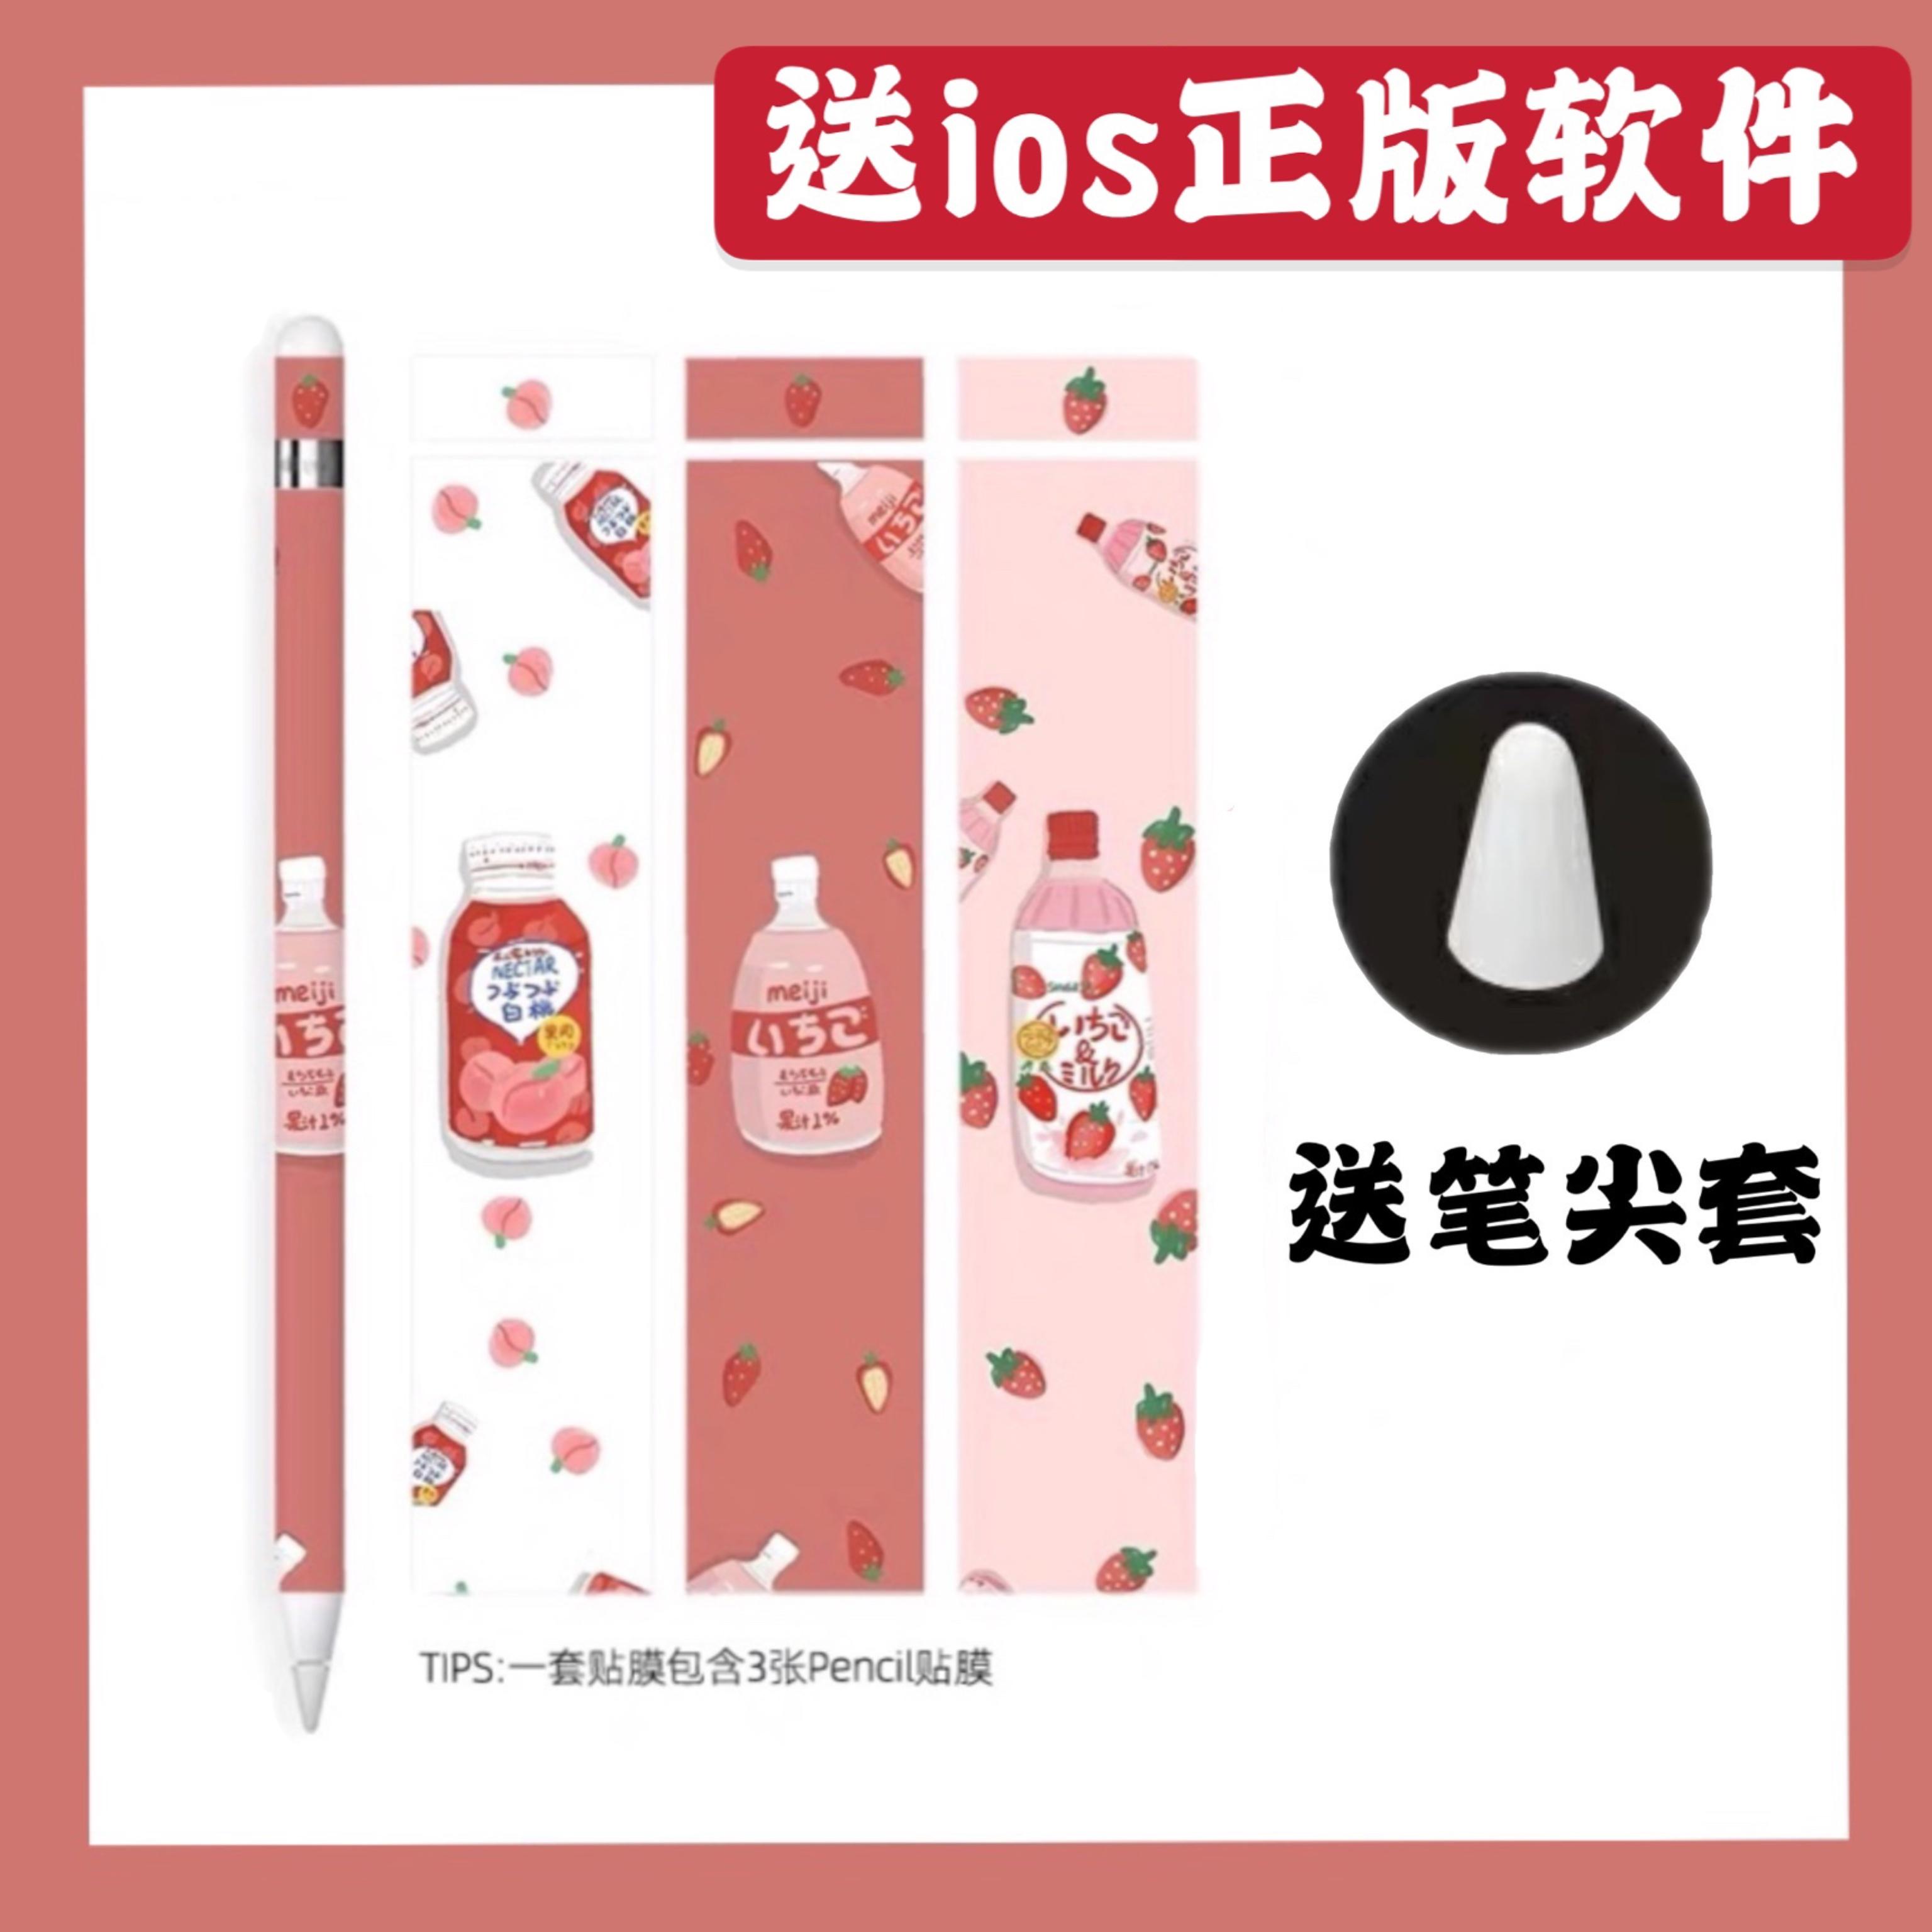 ◆ปากกา ipad◆pencilปากกาสติกเกอร์รุ่นสติกเกอร์เทปกระดาษipadปากกา1ใช้ได้ครับapplepencilชุดฟิล์มกันรอย2 sOHR